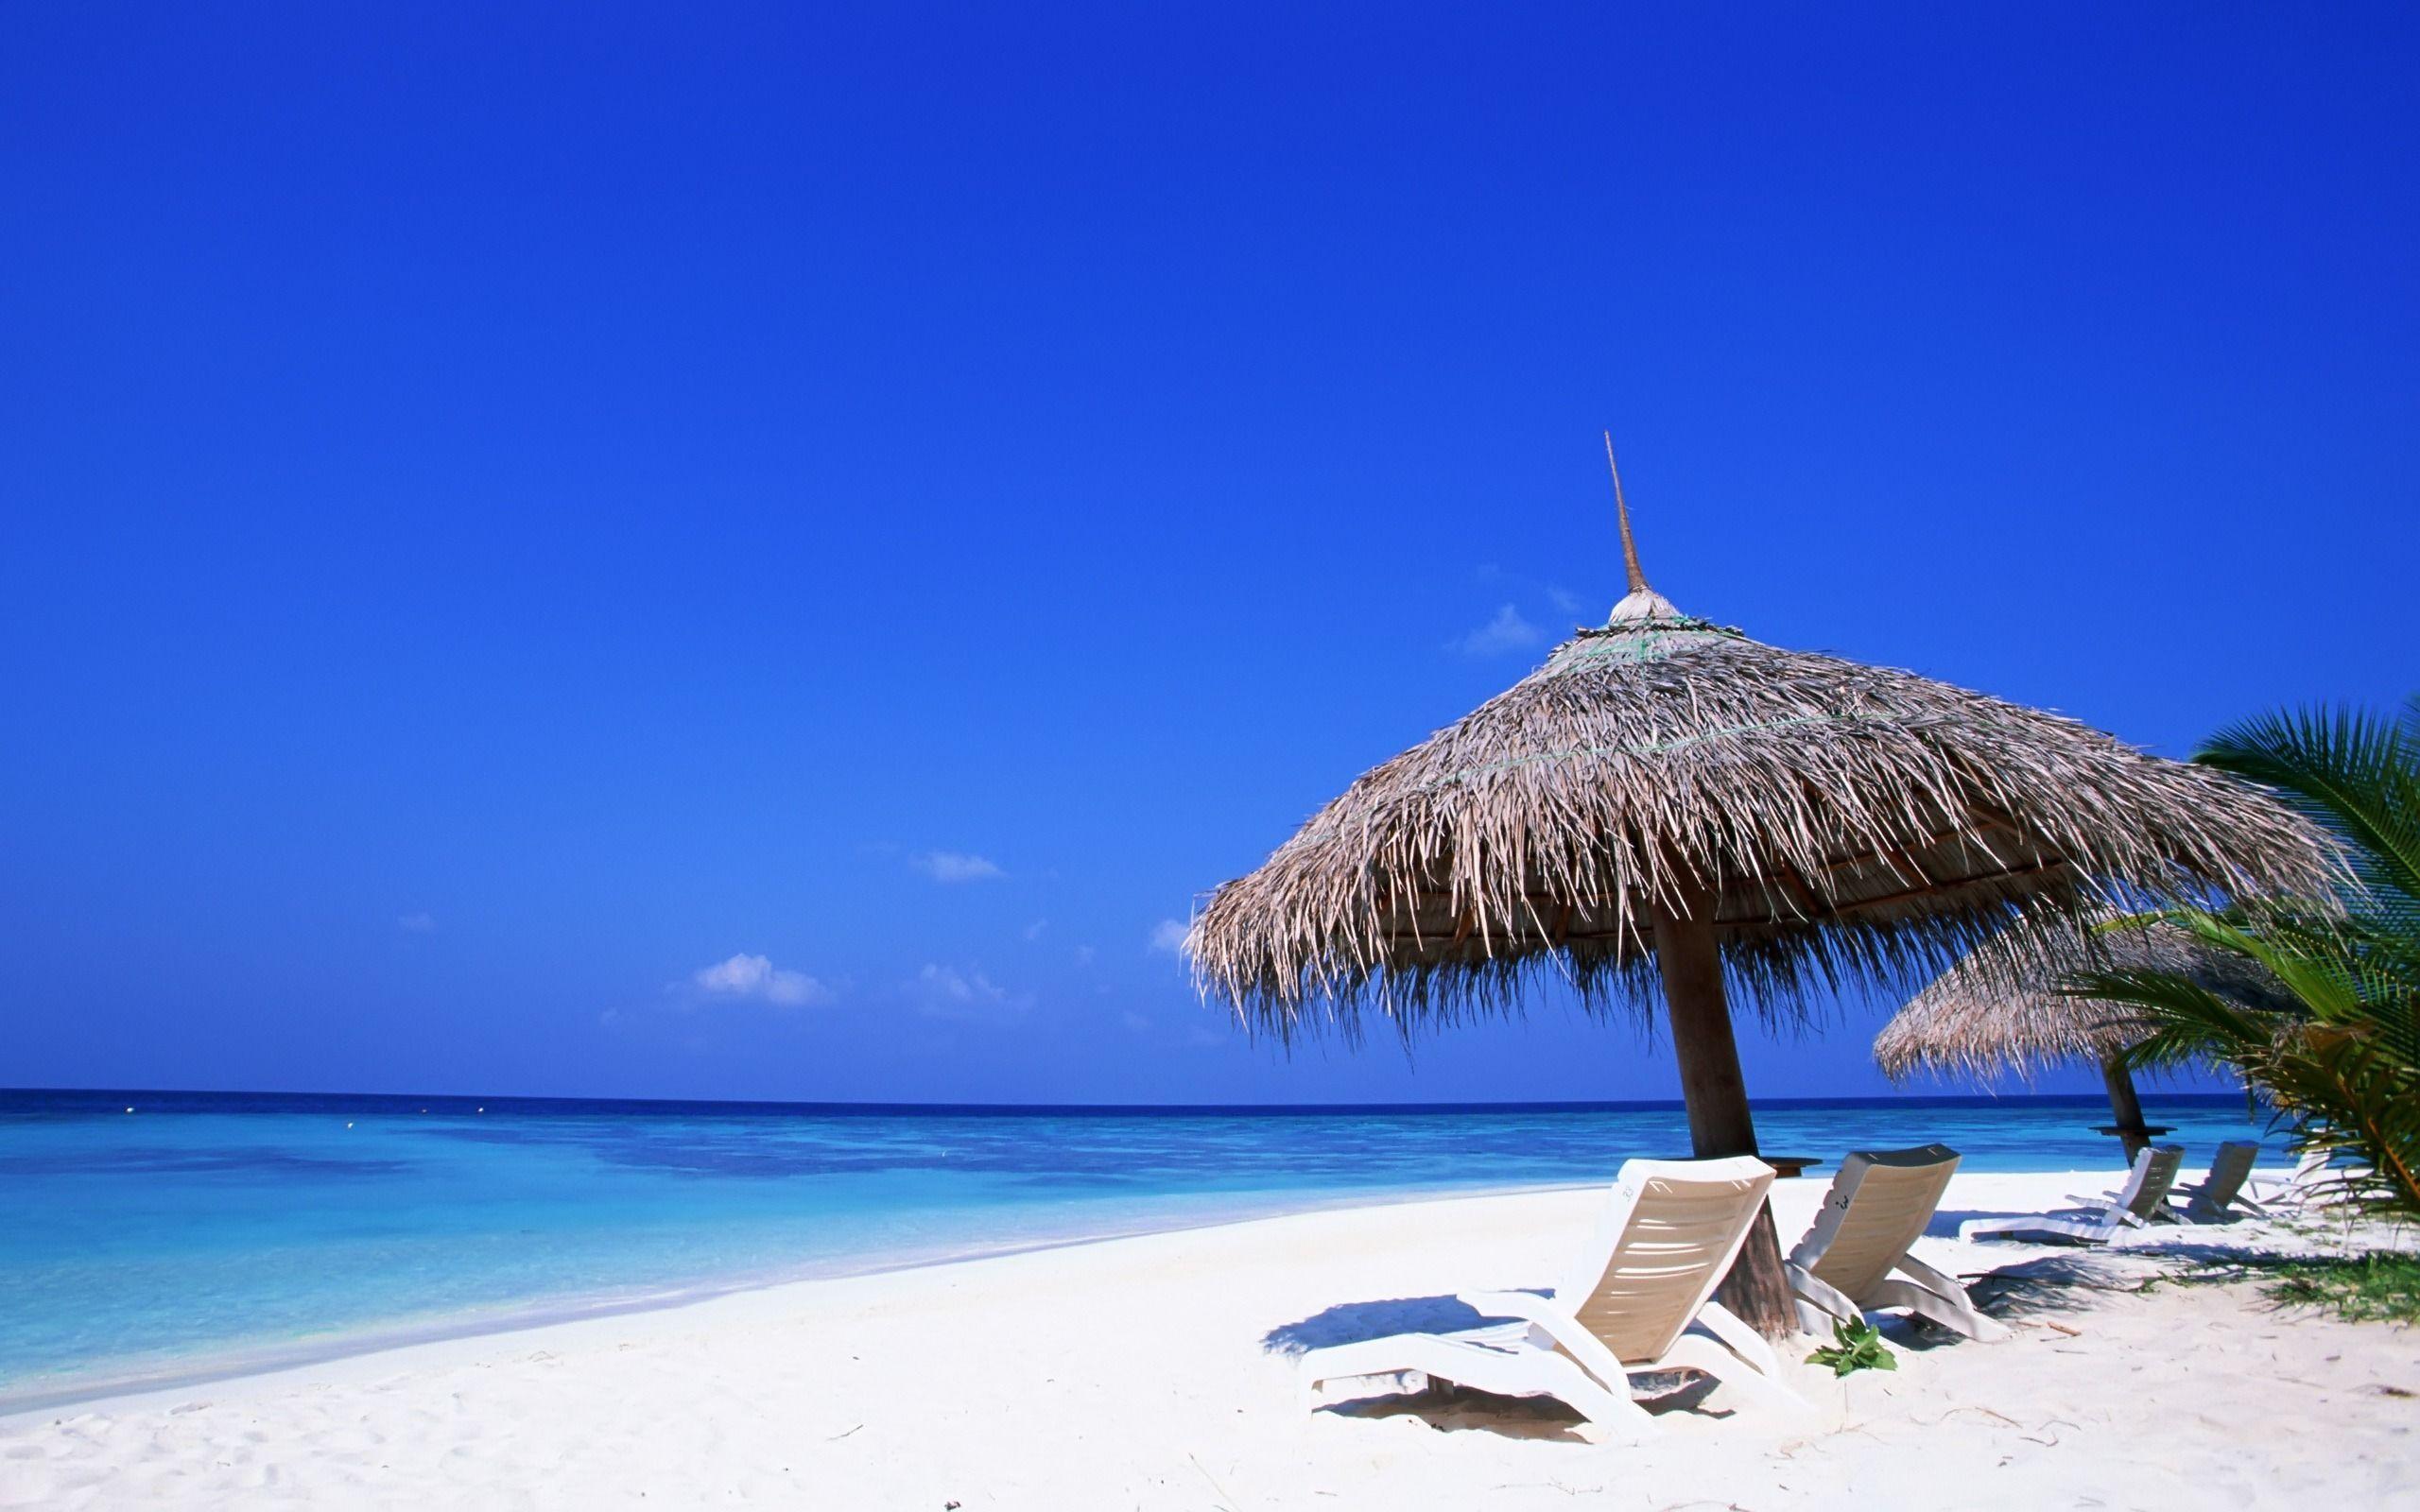 Tropical Beach Desktop Wallpaper 1